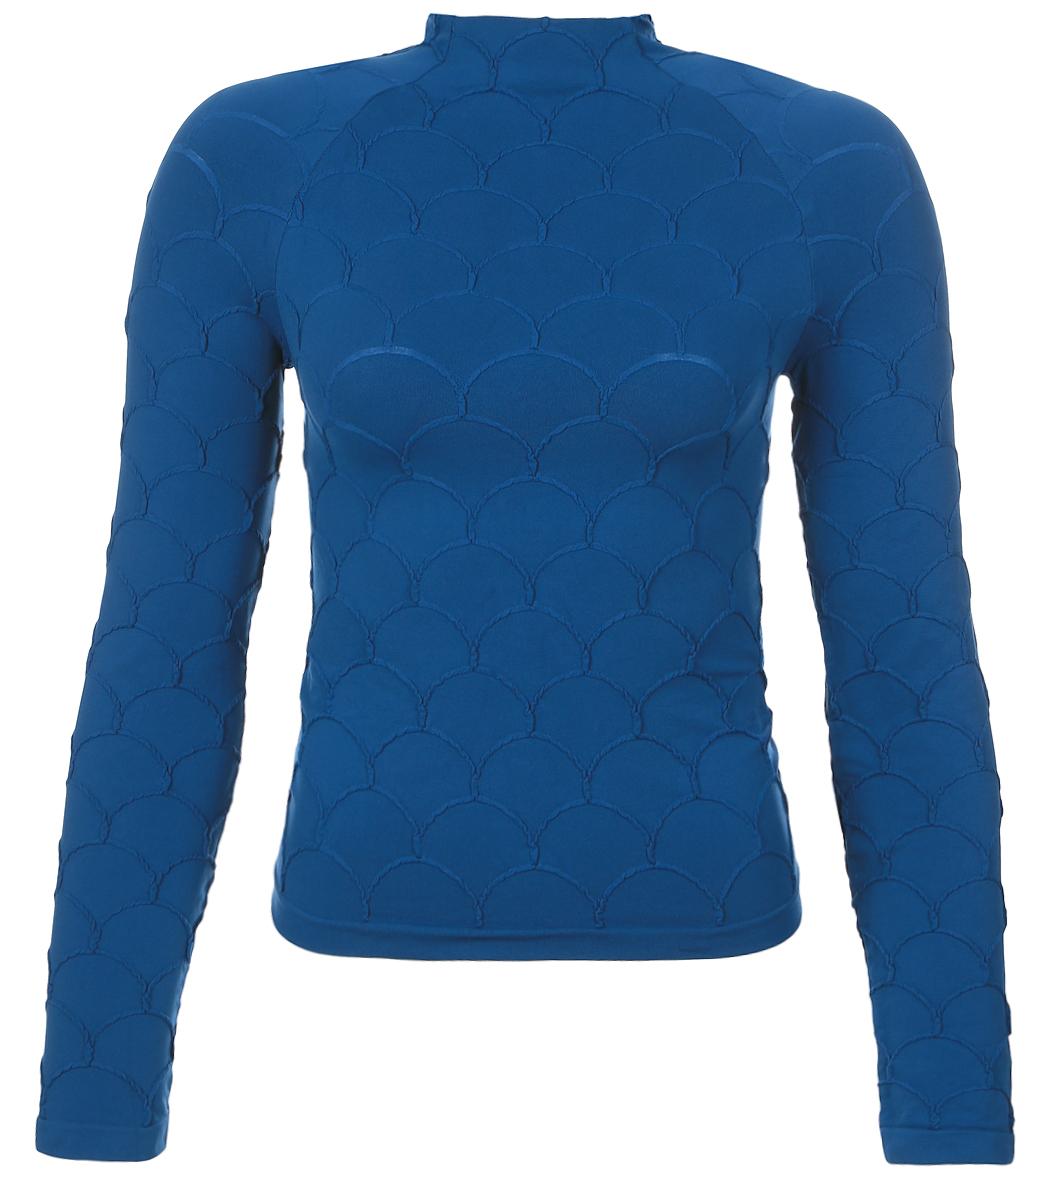 Водолазка женская Грация Fashion Onda, цвет: темно-бирюзовый. Размер 2 (42) водолазка женская pettli collection цвет черный 50063 размер 42 44